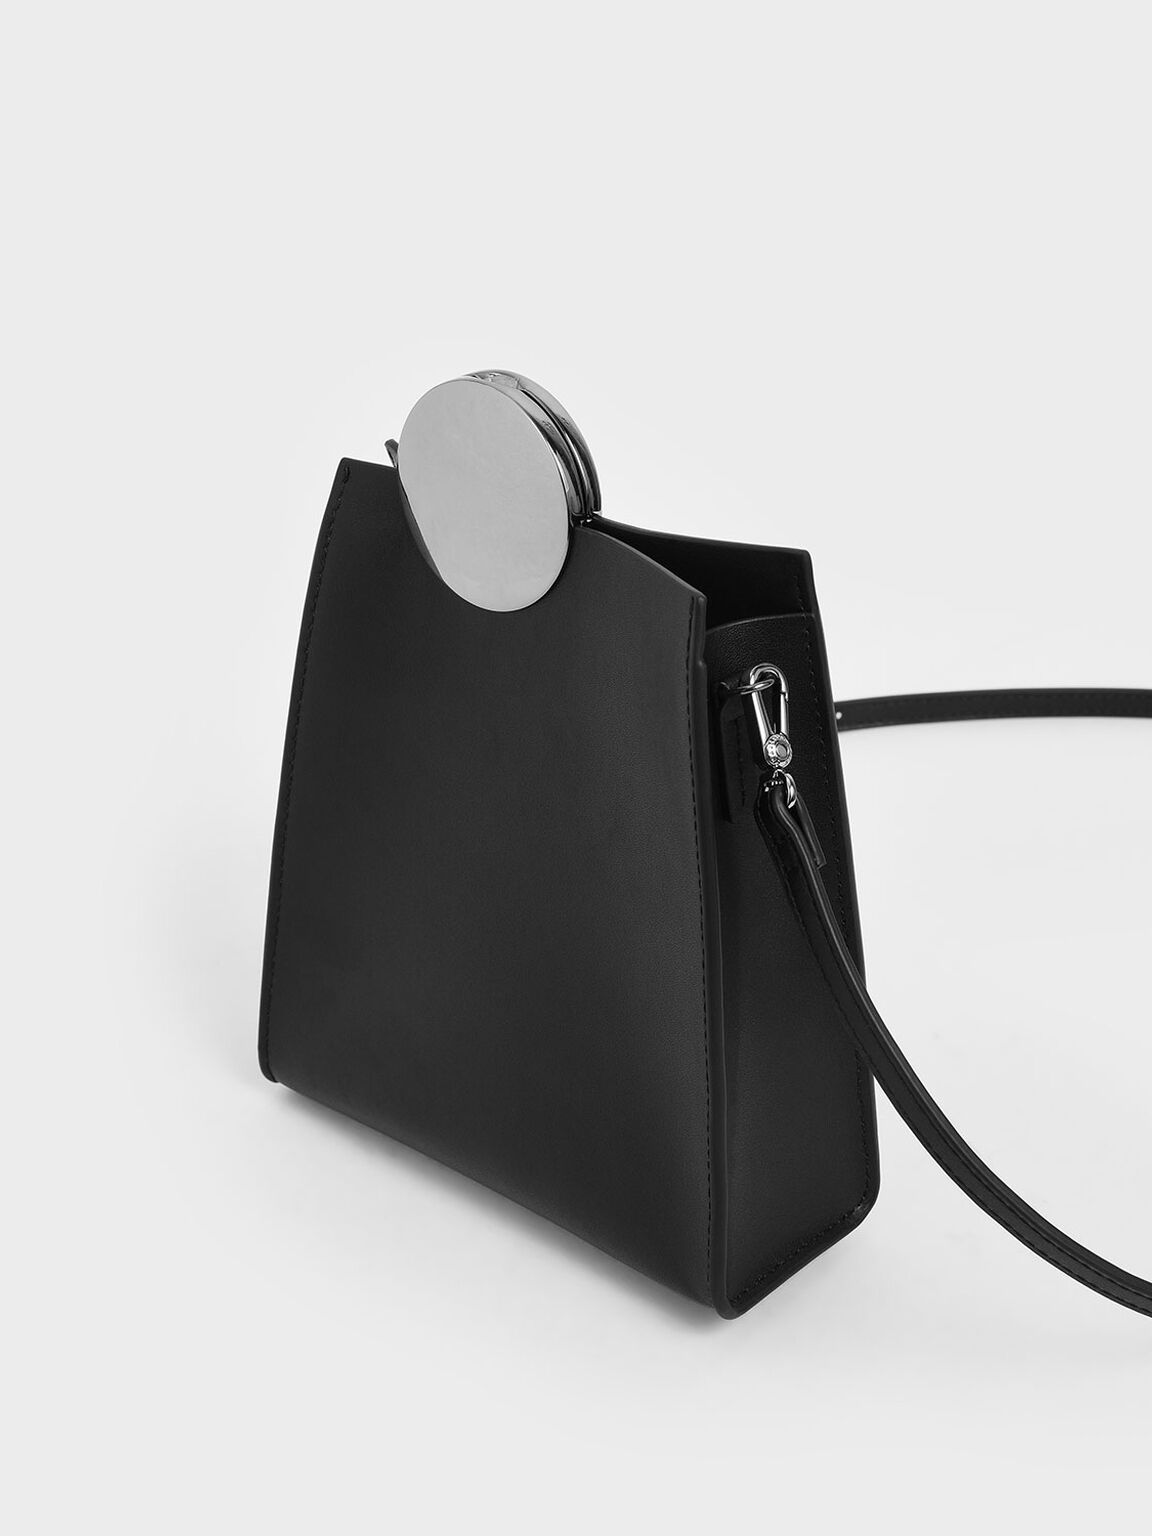 金屬圓扣真皮側背包, 黑色, hi-res